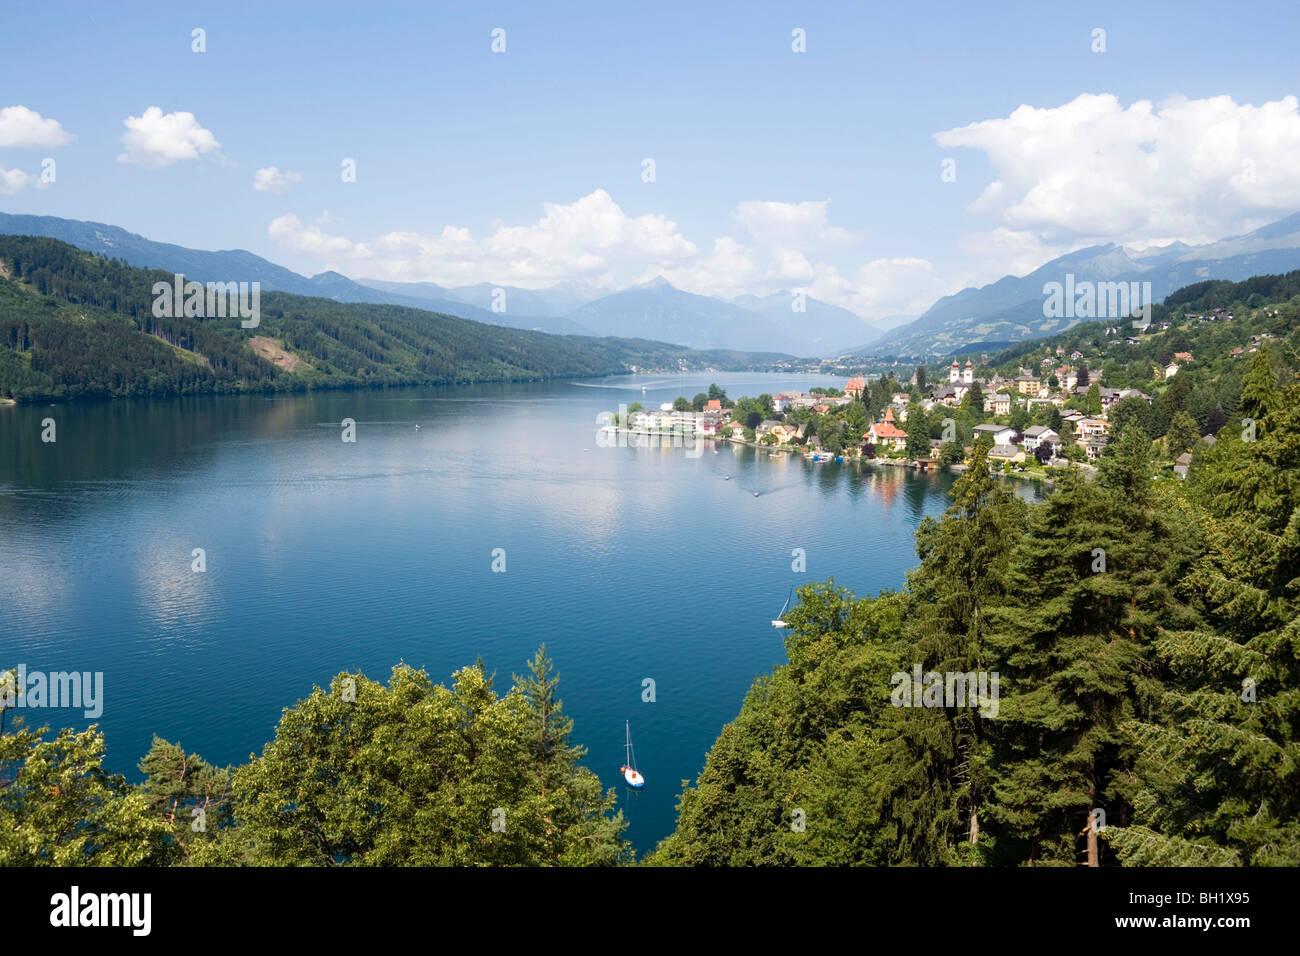 View over Millstatt and Millstaetter See (deepest lake of Carinthia), Millstatt, Carinthia, Austria - Stock Image